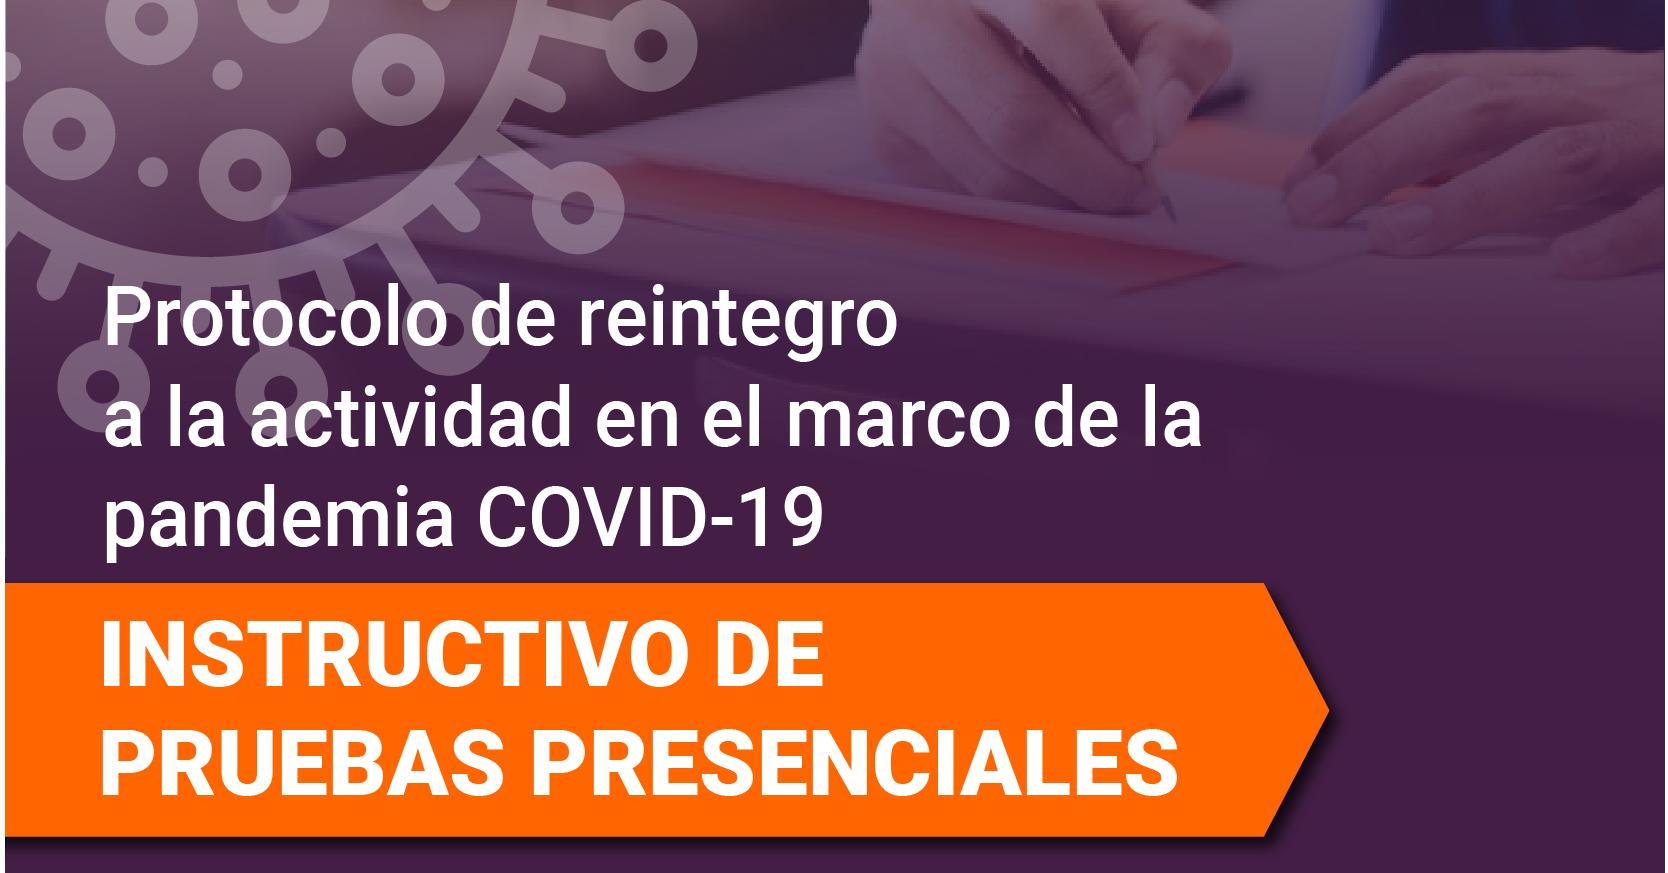 INSTRUCTIVO DE REINTEGRO A ACTIVIDADES: PRUEBAS PRESENCIALES